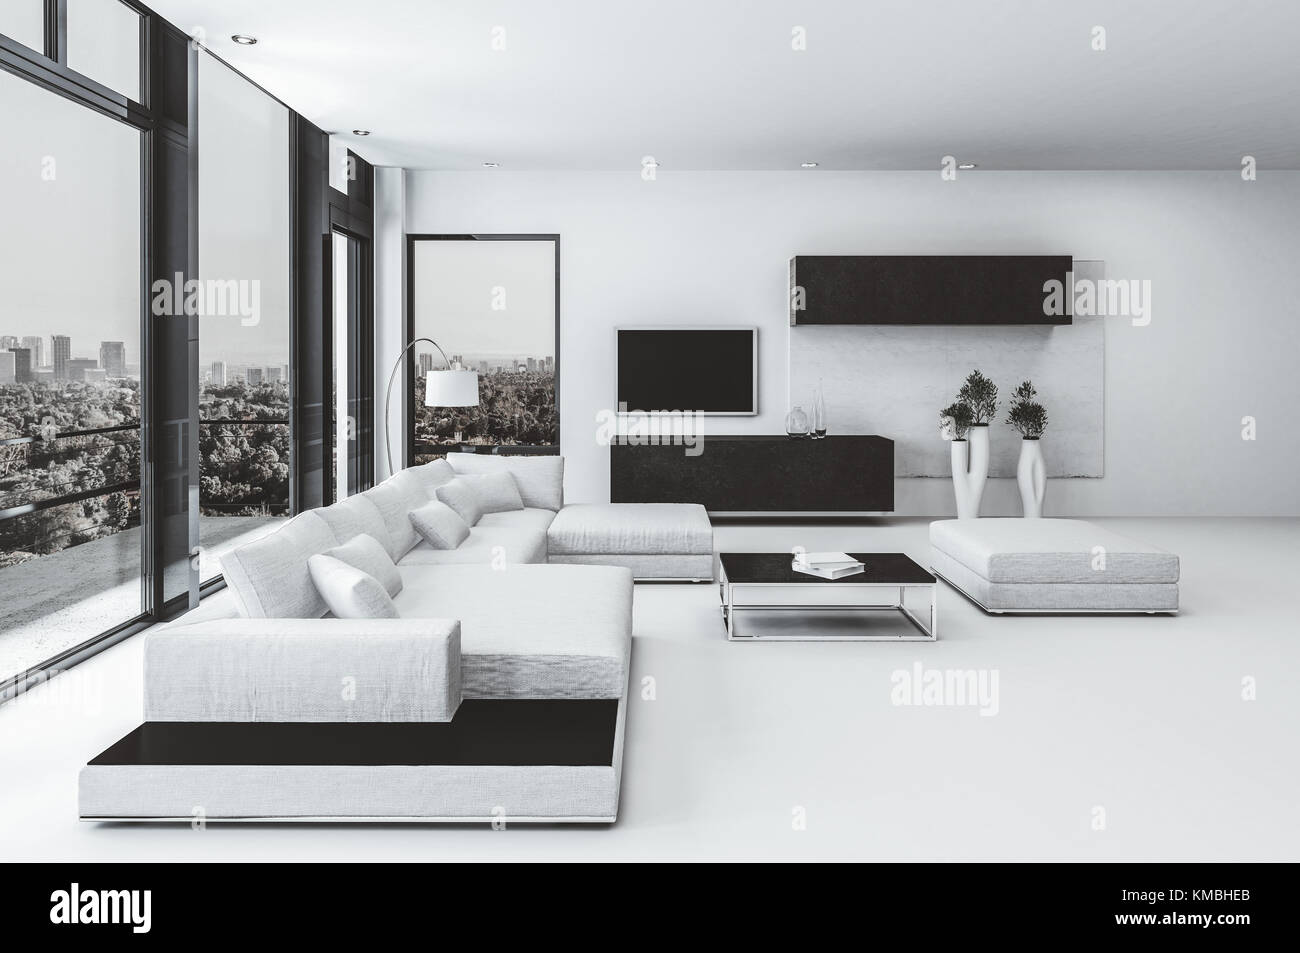 Moderner Luxus Wohnzimmer Interieur In Schwarz Und Weiß Gehalten Und